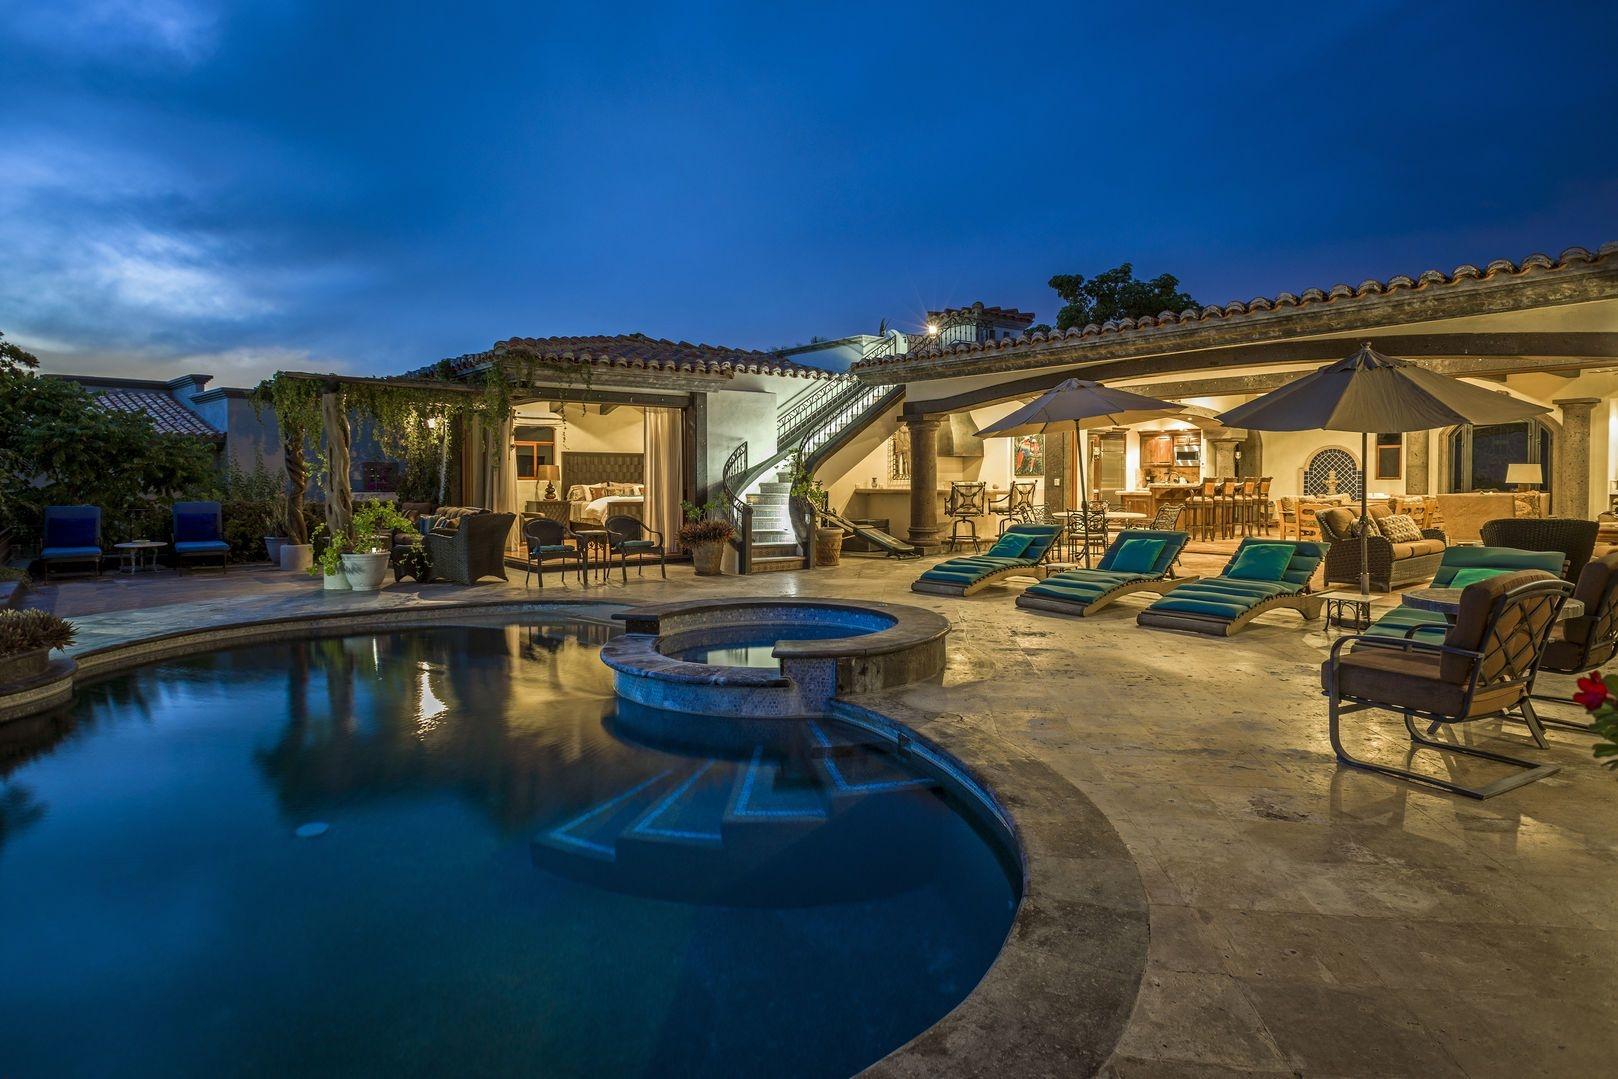 Luxury vacation rentals mexico - Los cabos - San jose del cabo - Puerto los cabos - Casa Mar y Estrella - Image 1/30